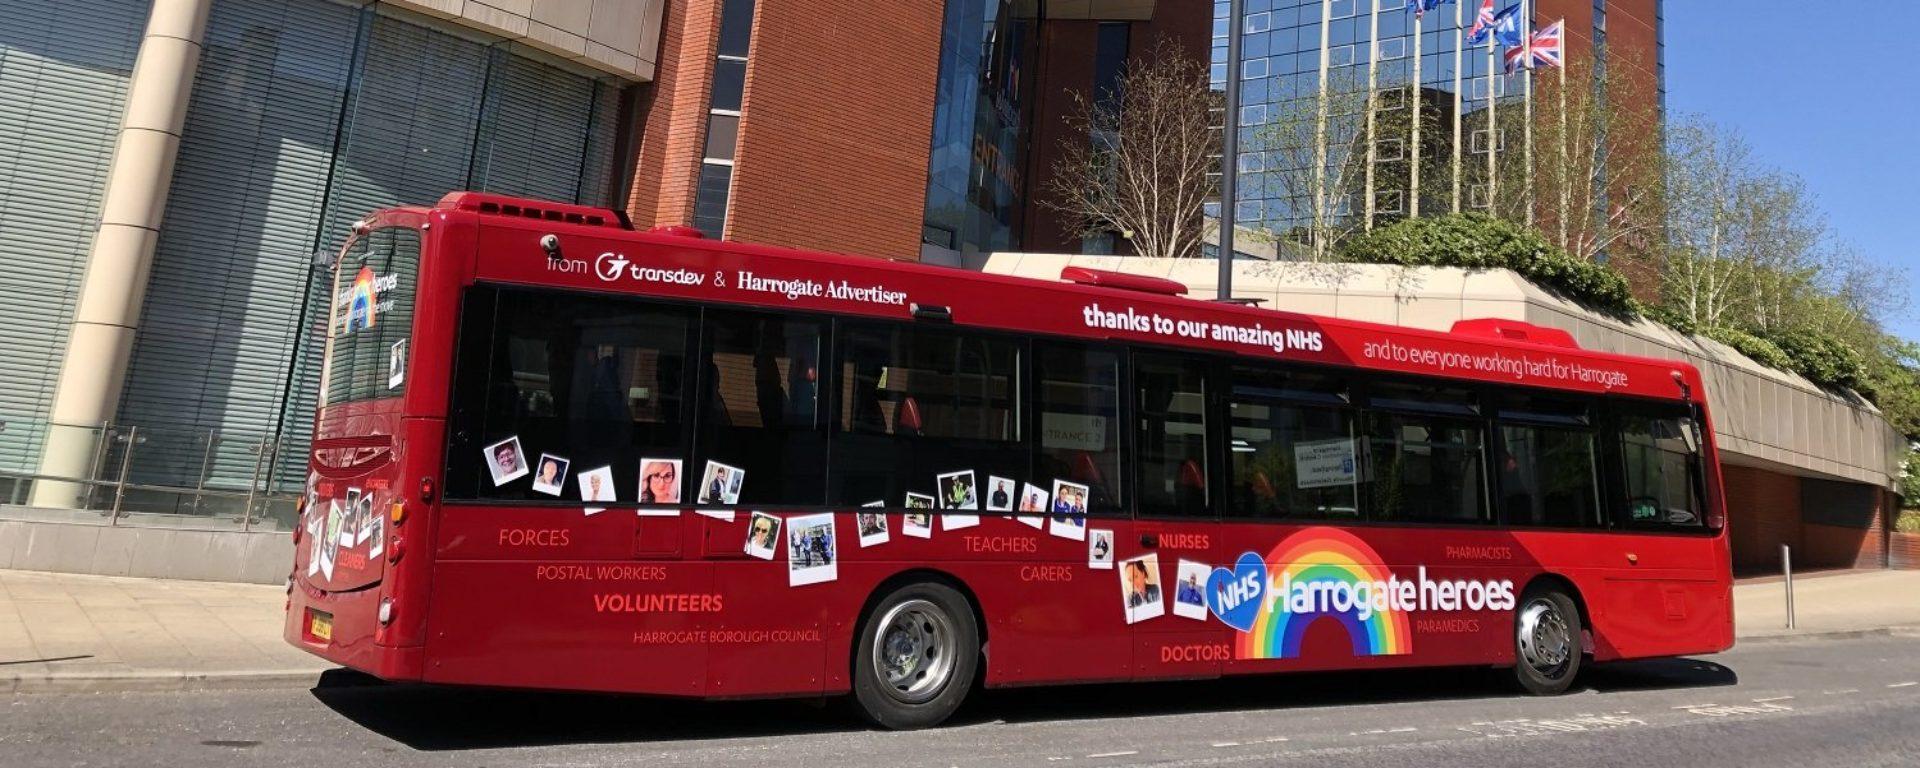 hgt-heroes-bus-pic-1